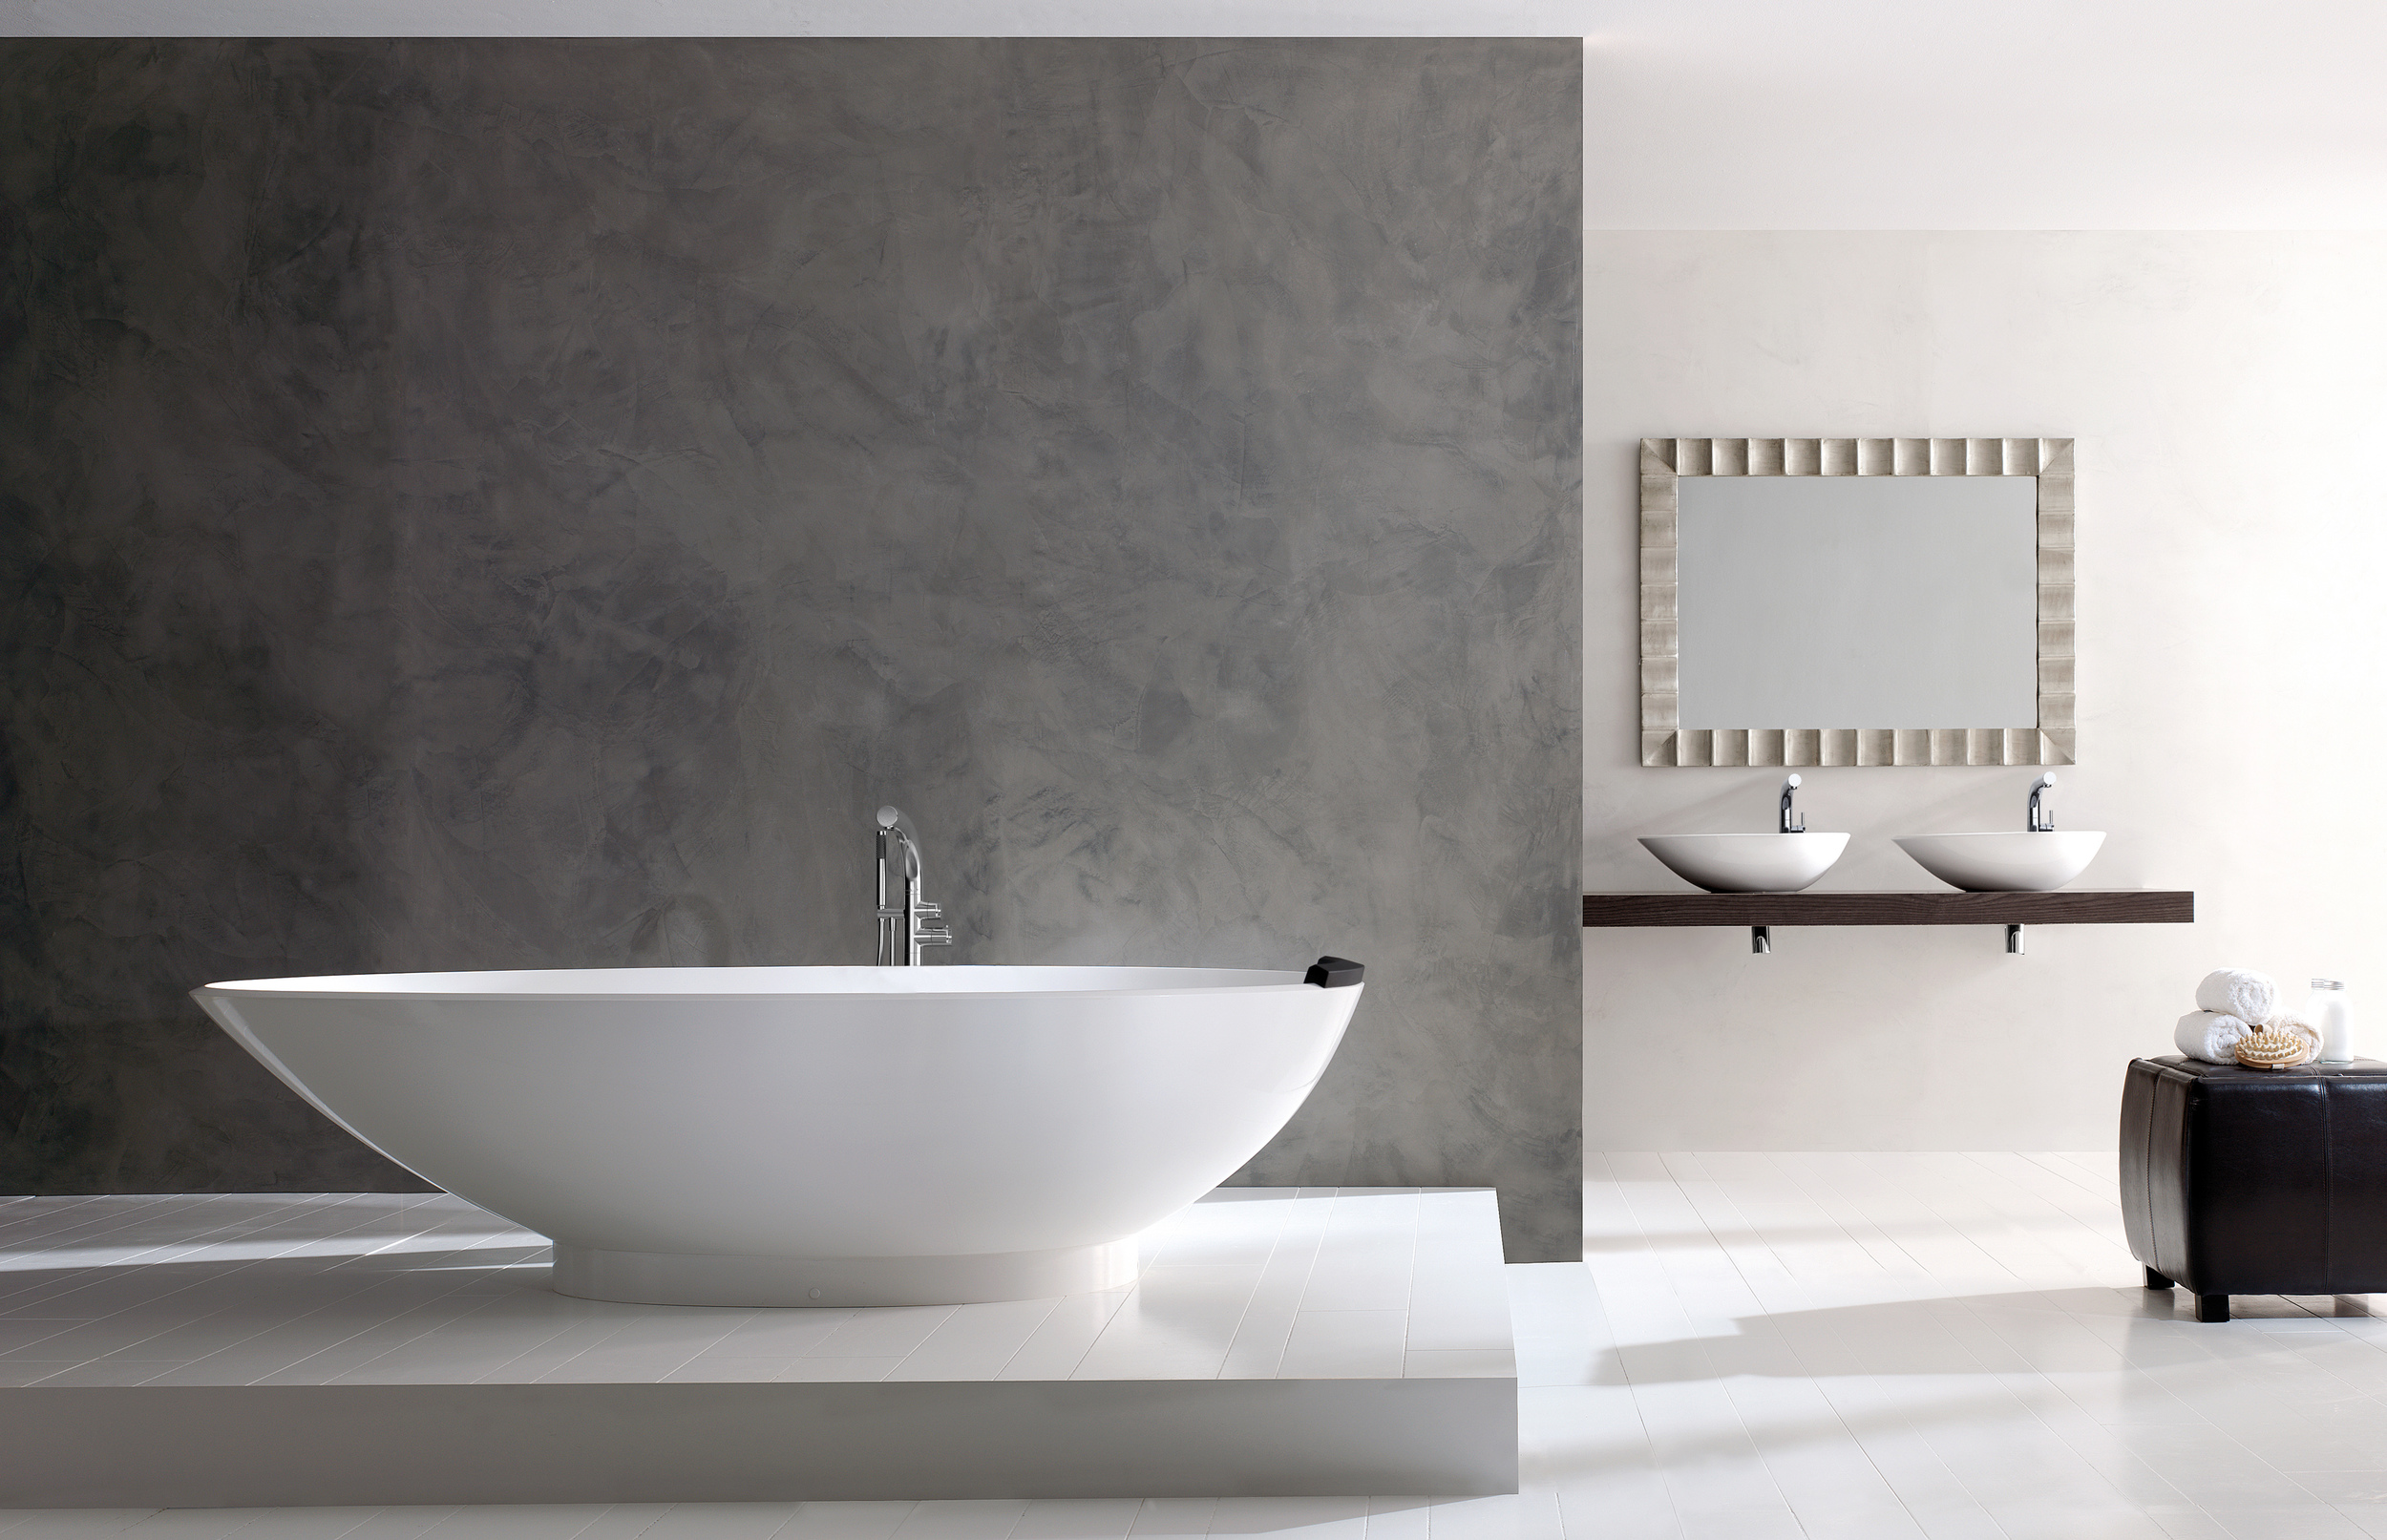 NAPOLI_Bath+Basin+Tubo_email.jpg